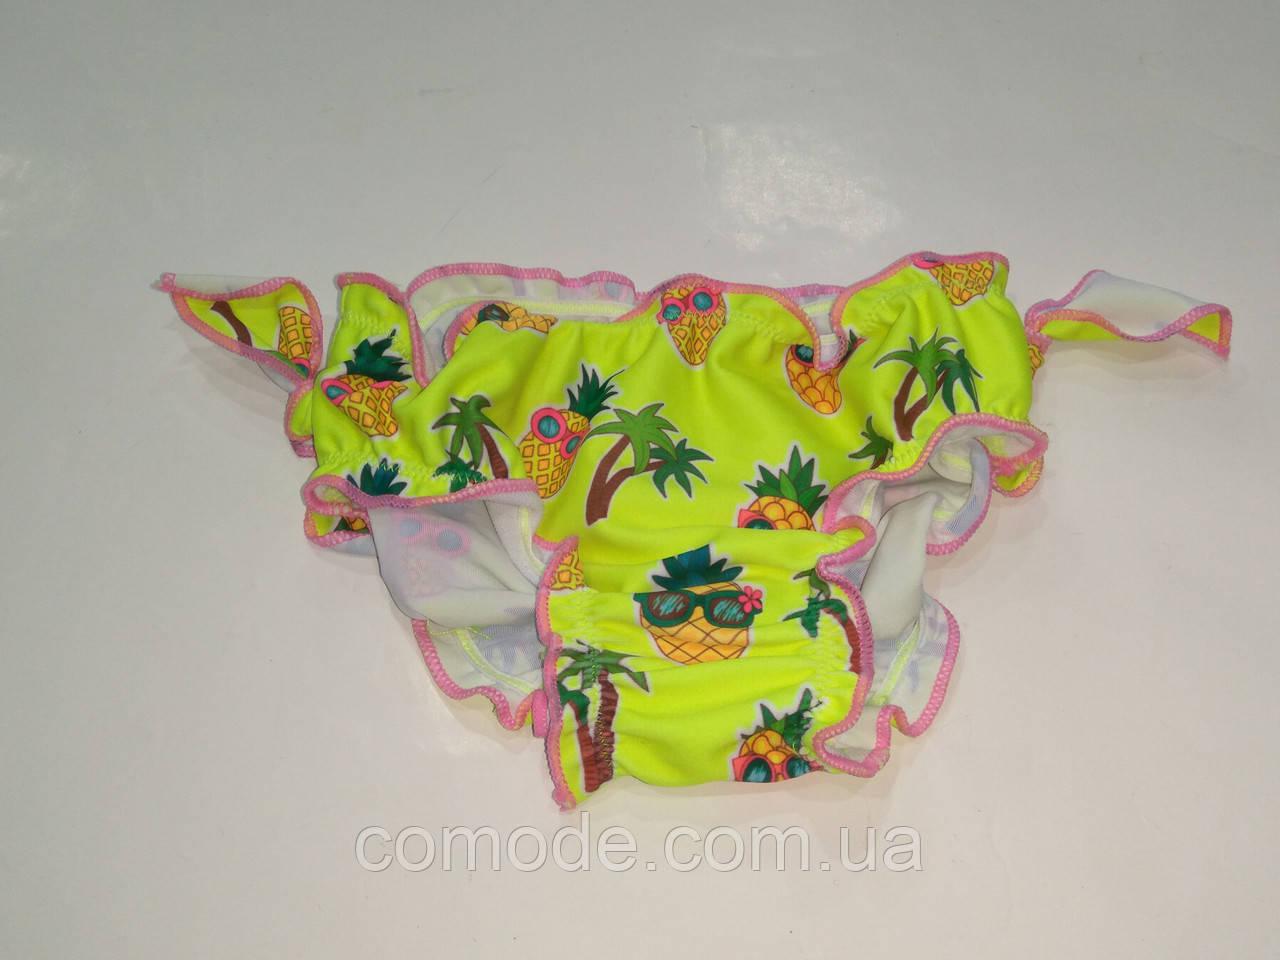 Плавочки для купания на девочку яркие желтые ананасики